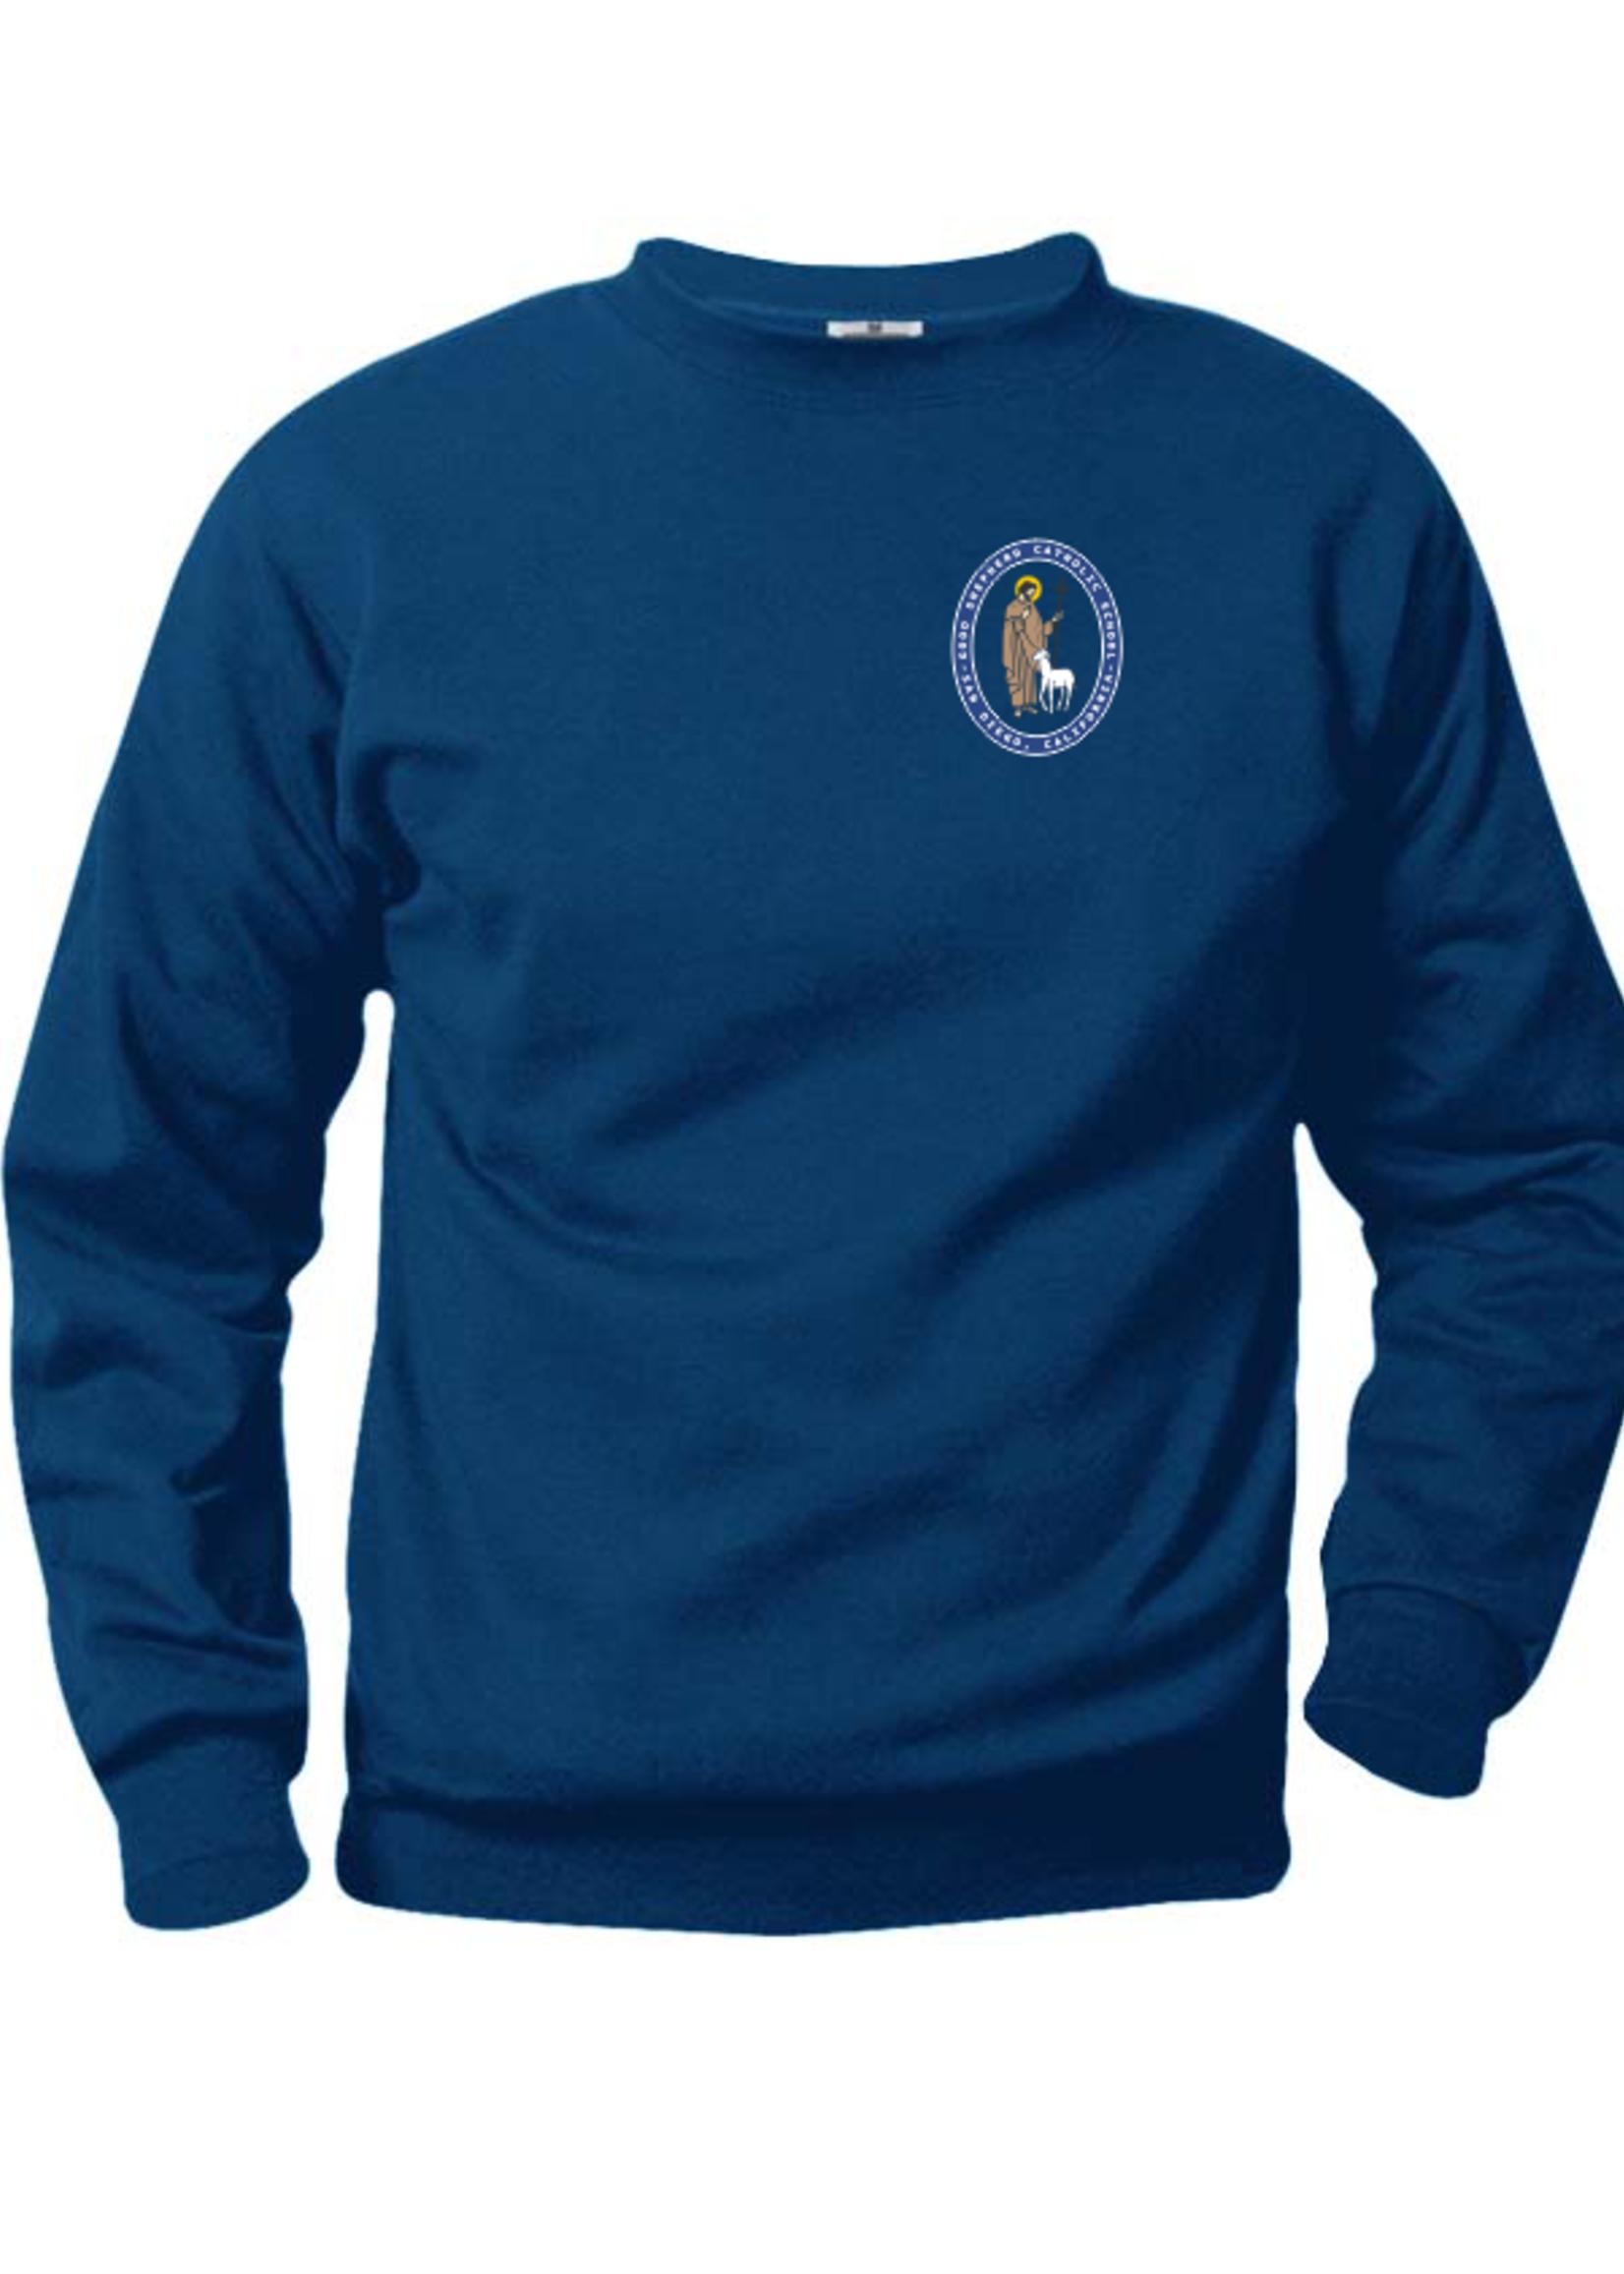 TUS GSCS Navy Fleece Crewneck Sweatshirt (SCR)